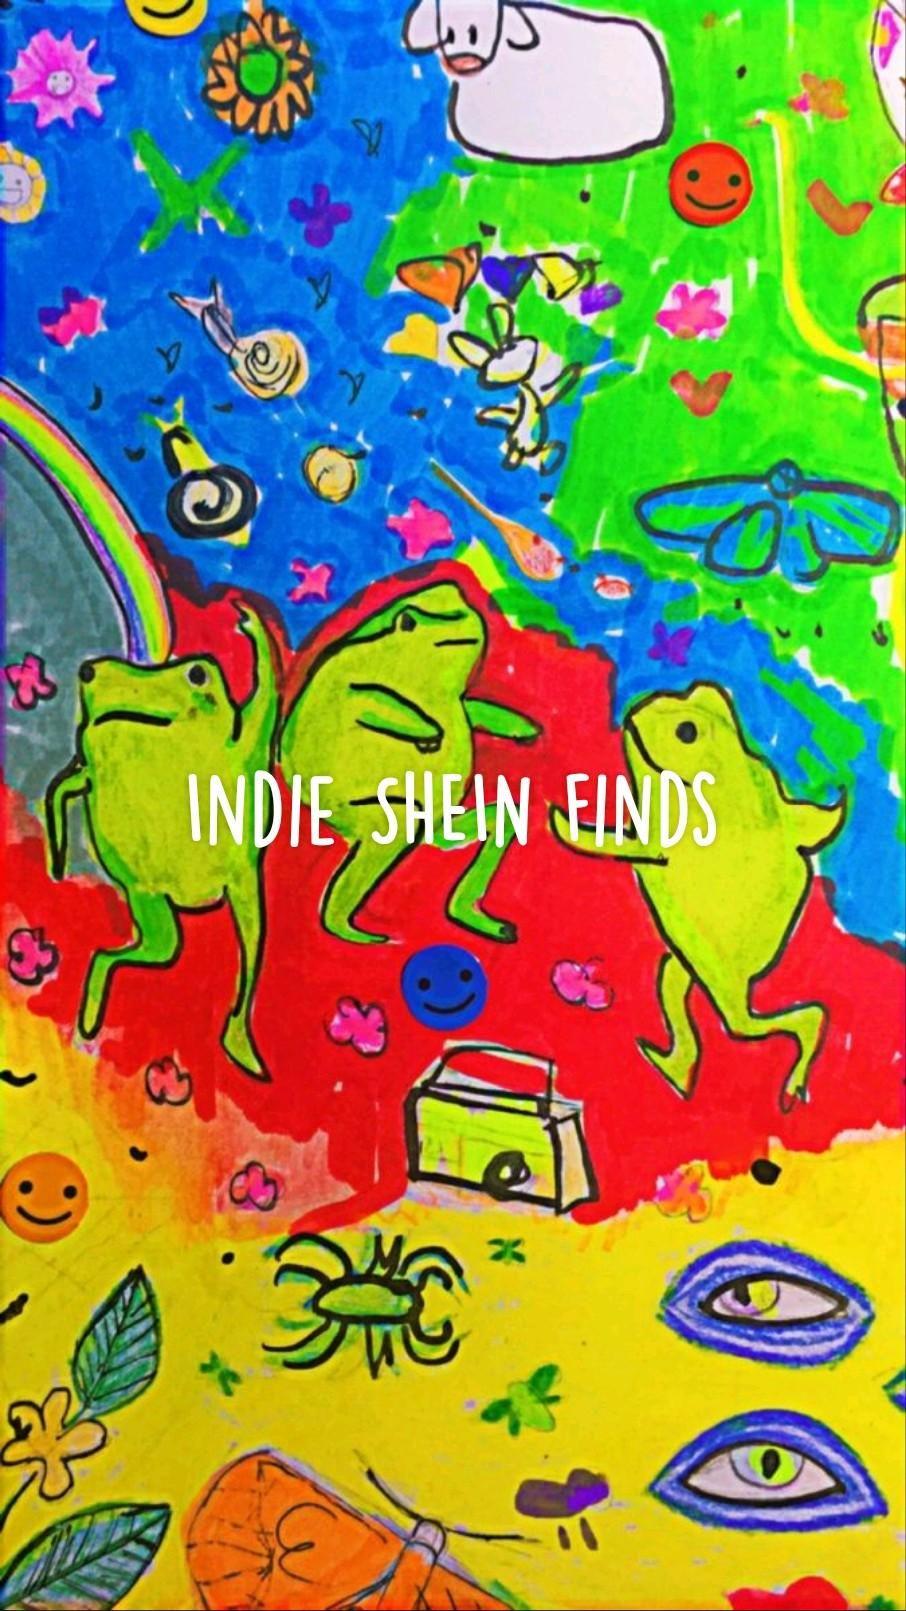 Indie SHEIN finds